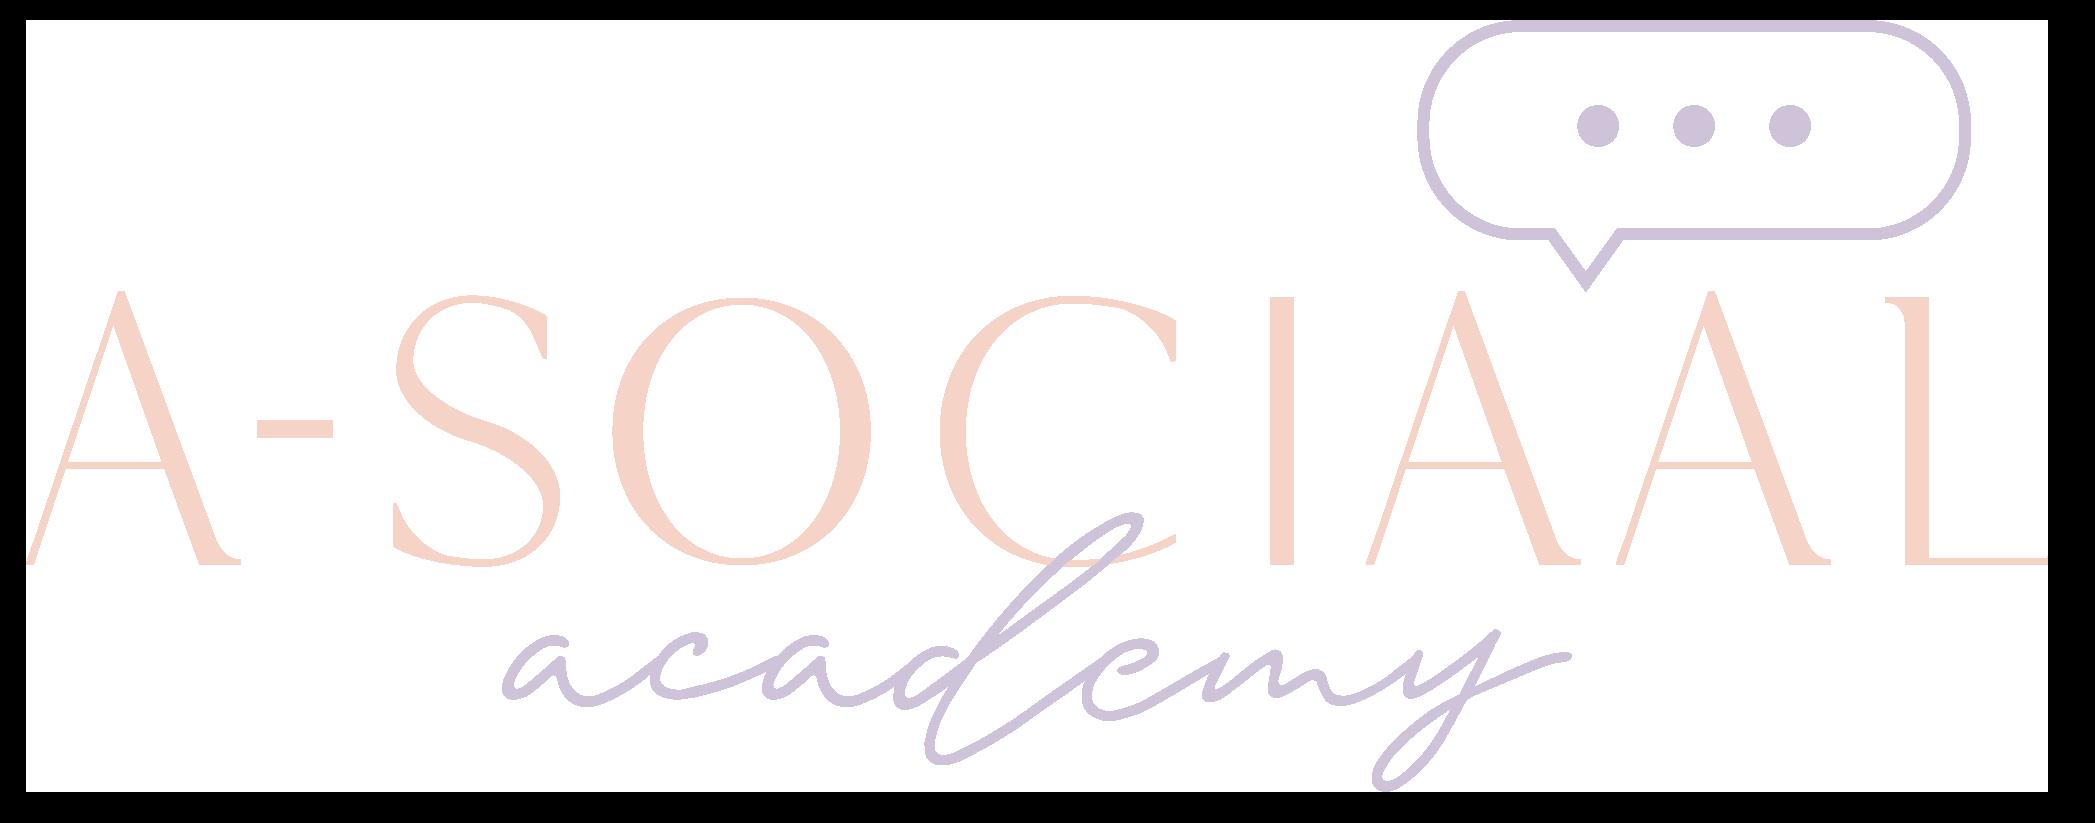 A-Sociaal Academy